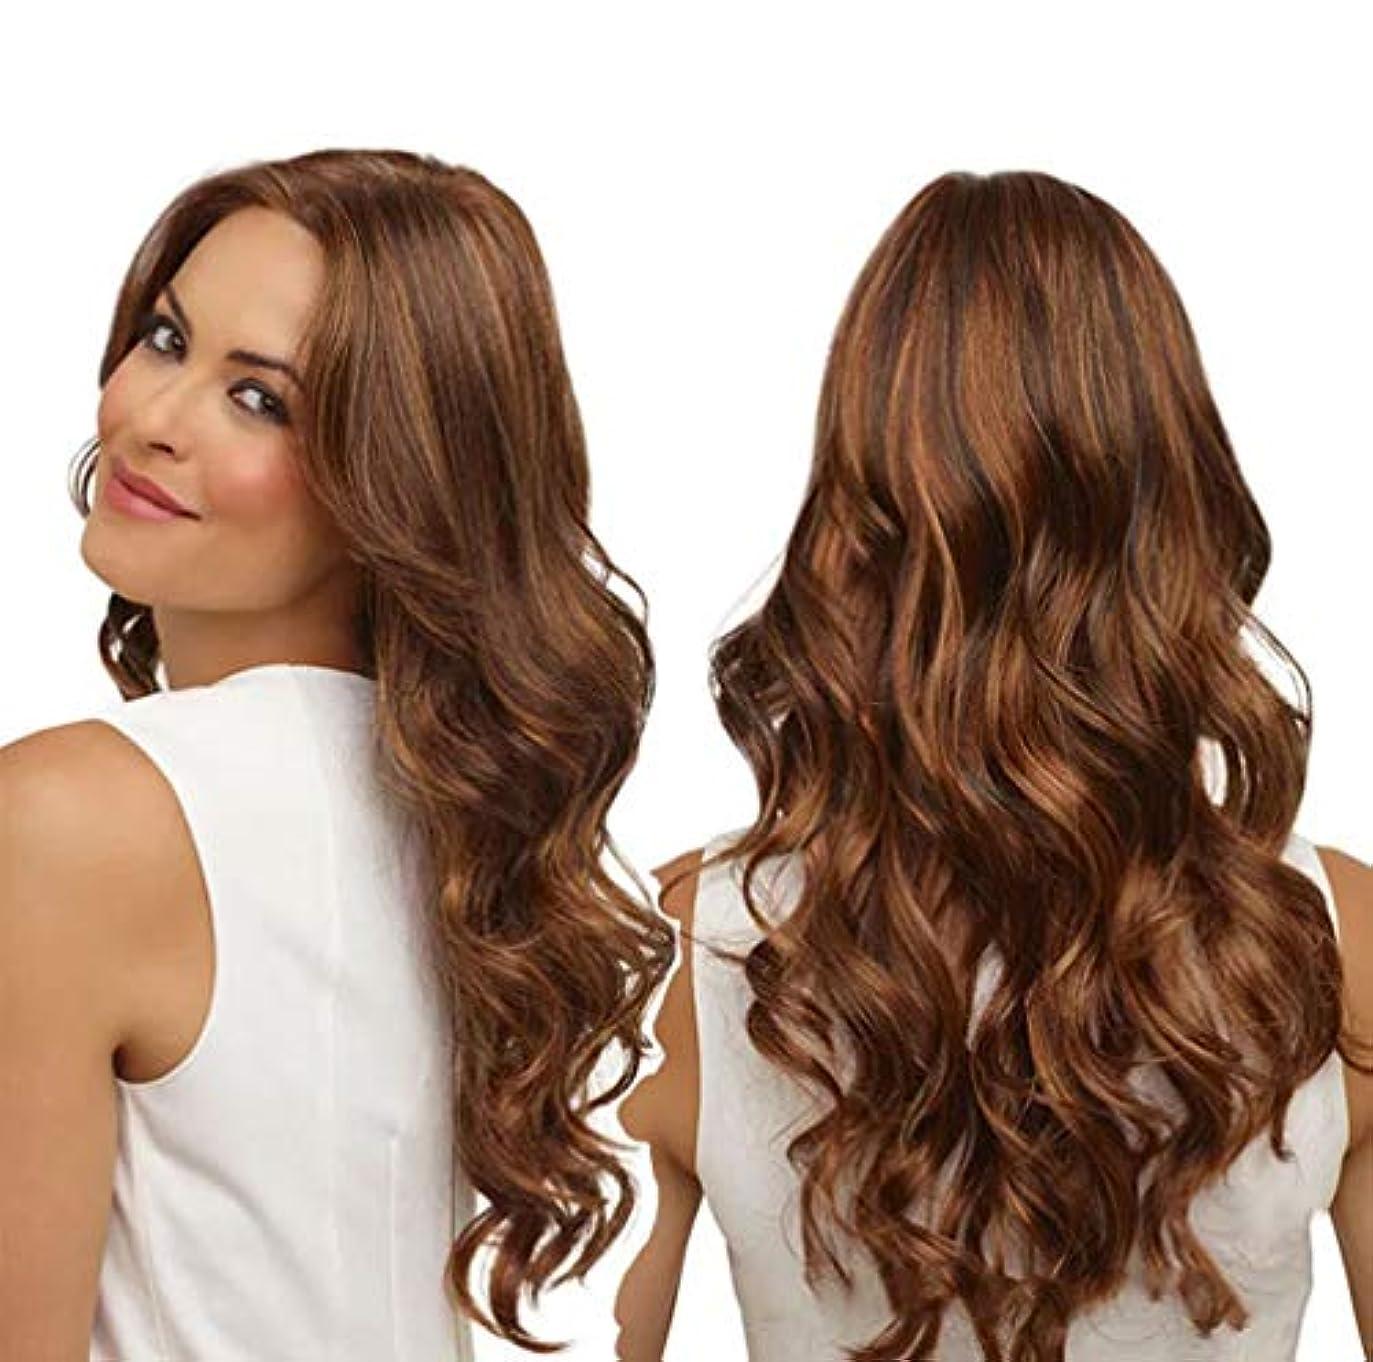 シンプルな丘牽引女性かつら150%密度耐熱合成繊維人毛水波かつらベビー髪かつら65センチ